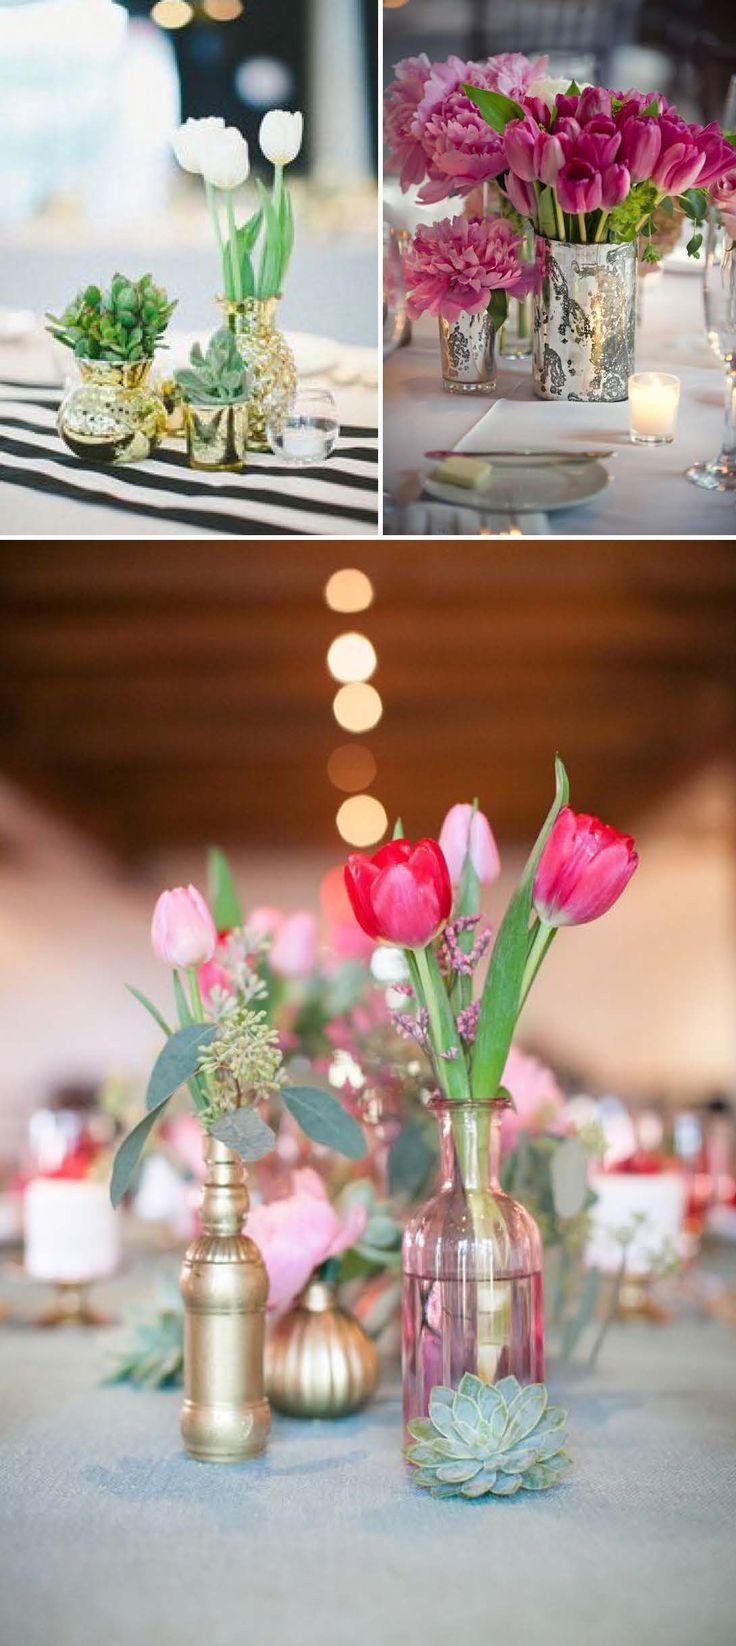 liebelein-will, Hochzeitsblog - Hochzeit, Blog, Tulpen, Vintage